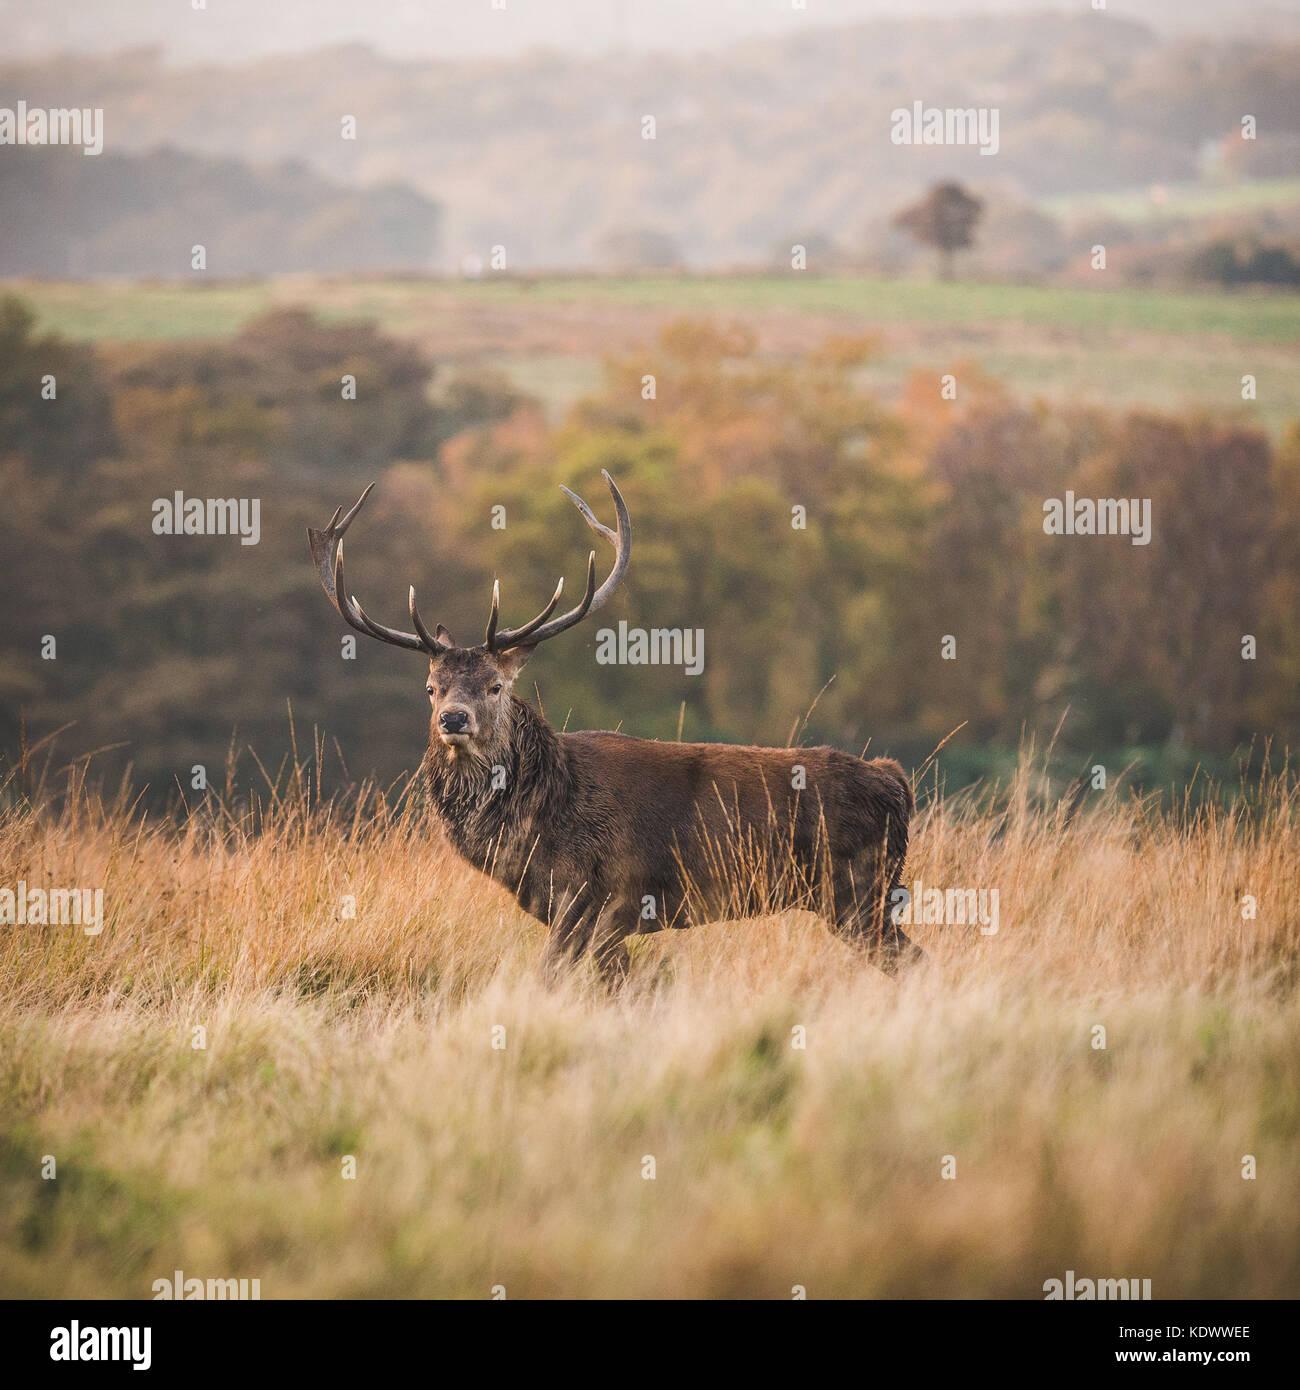 El ciervo el ciervo se encuentra en páramos en el Peak District Foto de stock